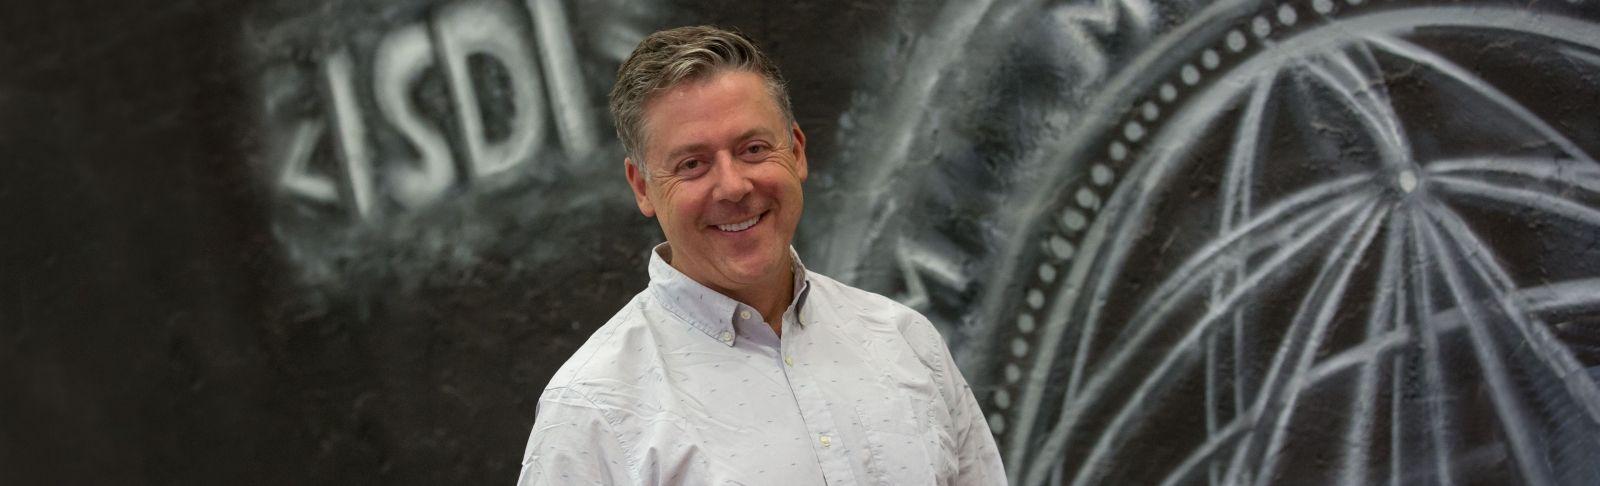 Steve Cadigan, cofundador d'ISDI als EUA